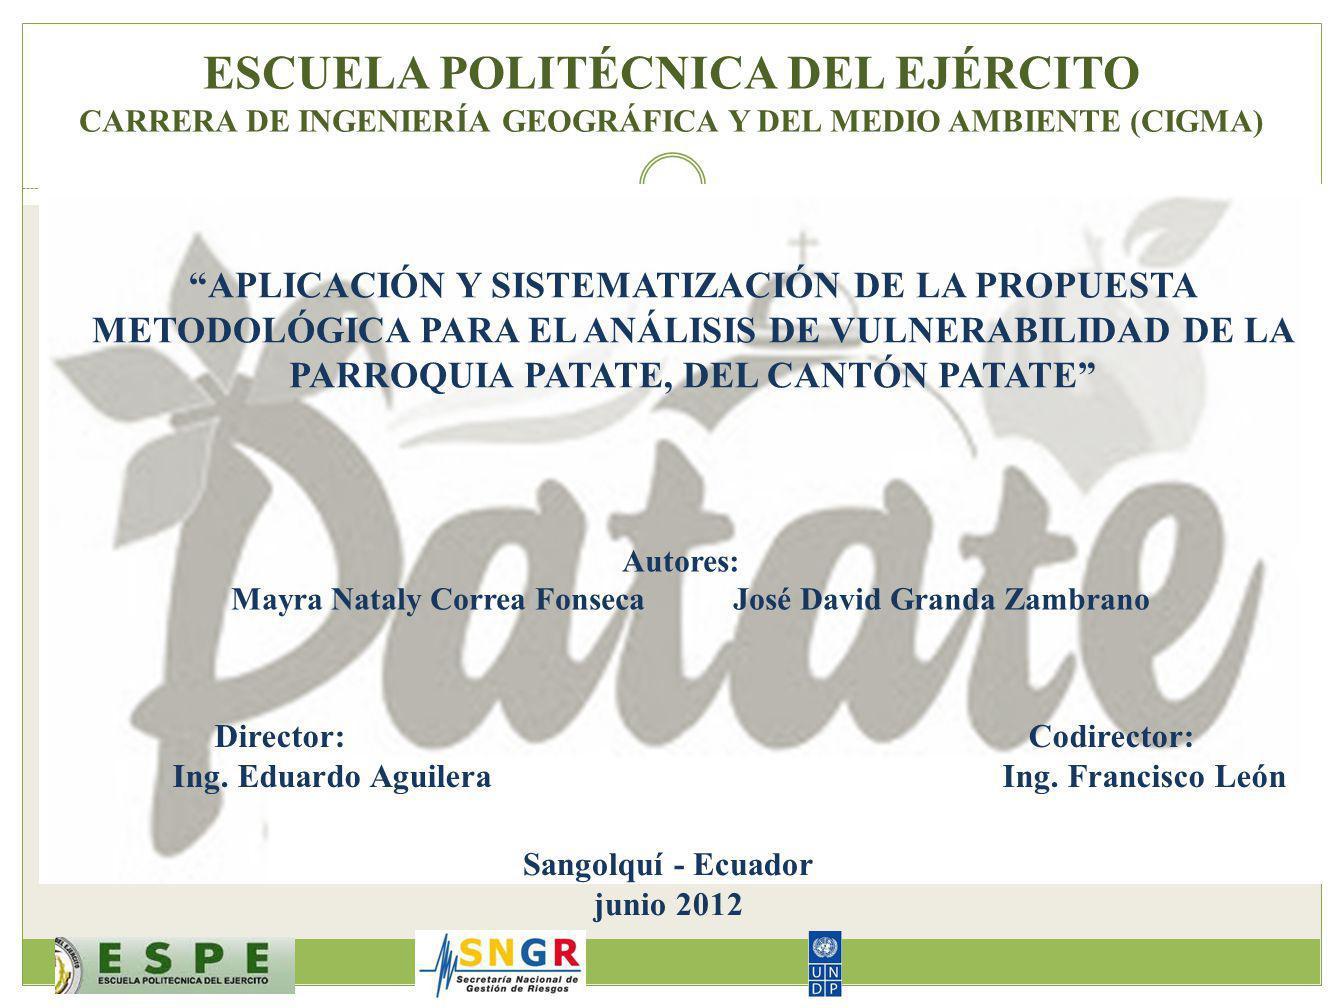 ESCUELA POLITÉCNICA DEL EJÉRCITO CARRERA DE INGENIERÍA GEOGRÁFICA Y DEL MEDIO AMBIENTE (CIGMA) APLICACIÓN Y SISTEMATIZACIÓN DE LA PROPUESTA METODOLÓGICA PARA EL ANÁLISIS DE VULNERABILIDAD DE LA PARROQUIA PATATE, DEL CANTÓN PATATE Autores: Mayra Nataly Correa Fonseca José David Granda Zambrano Director: Codirector: Ing.